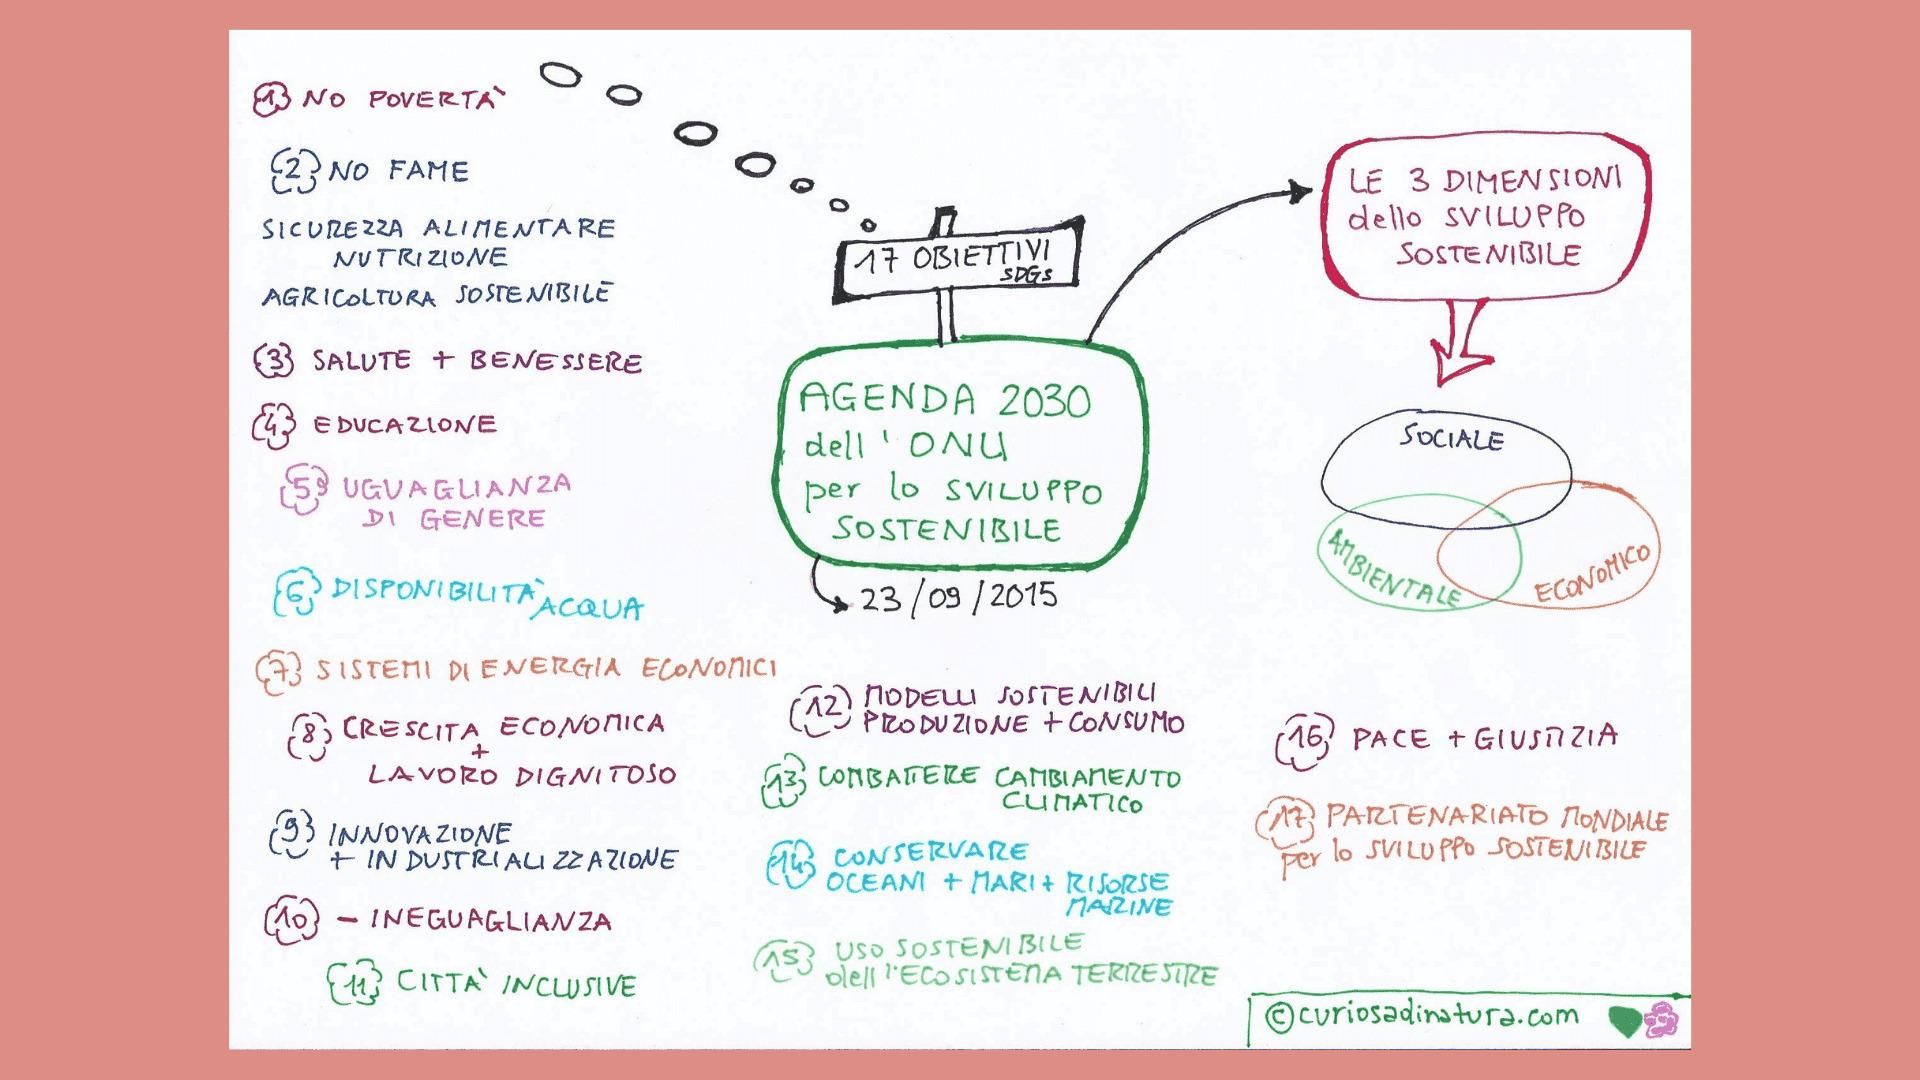 Agenda2030 dell'ONU per lo sviluppo sostenibile